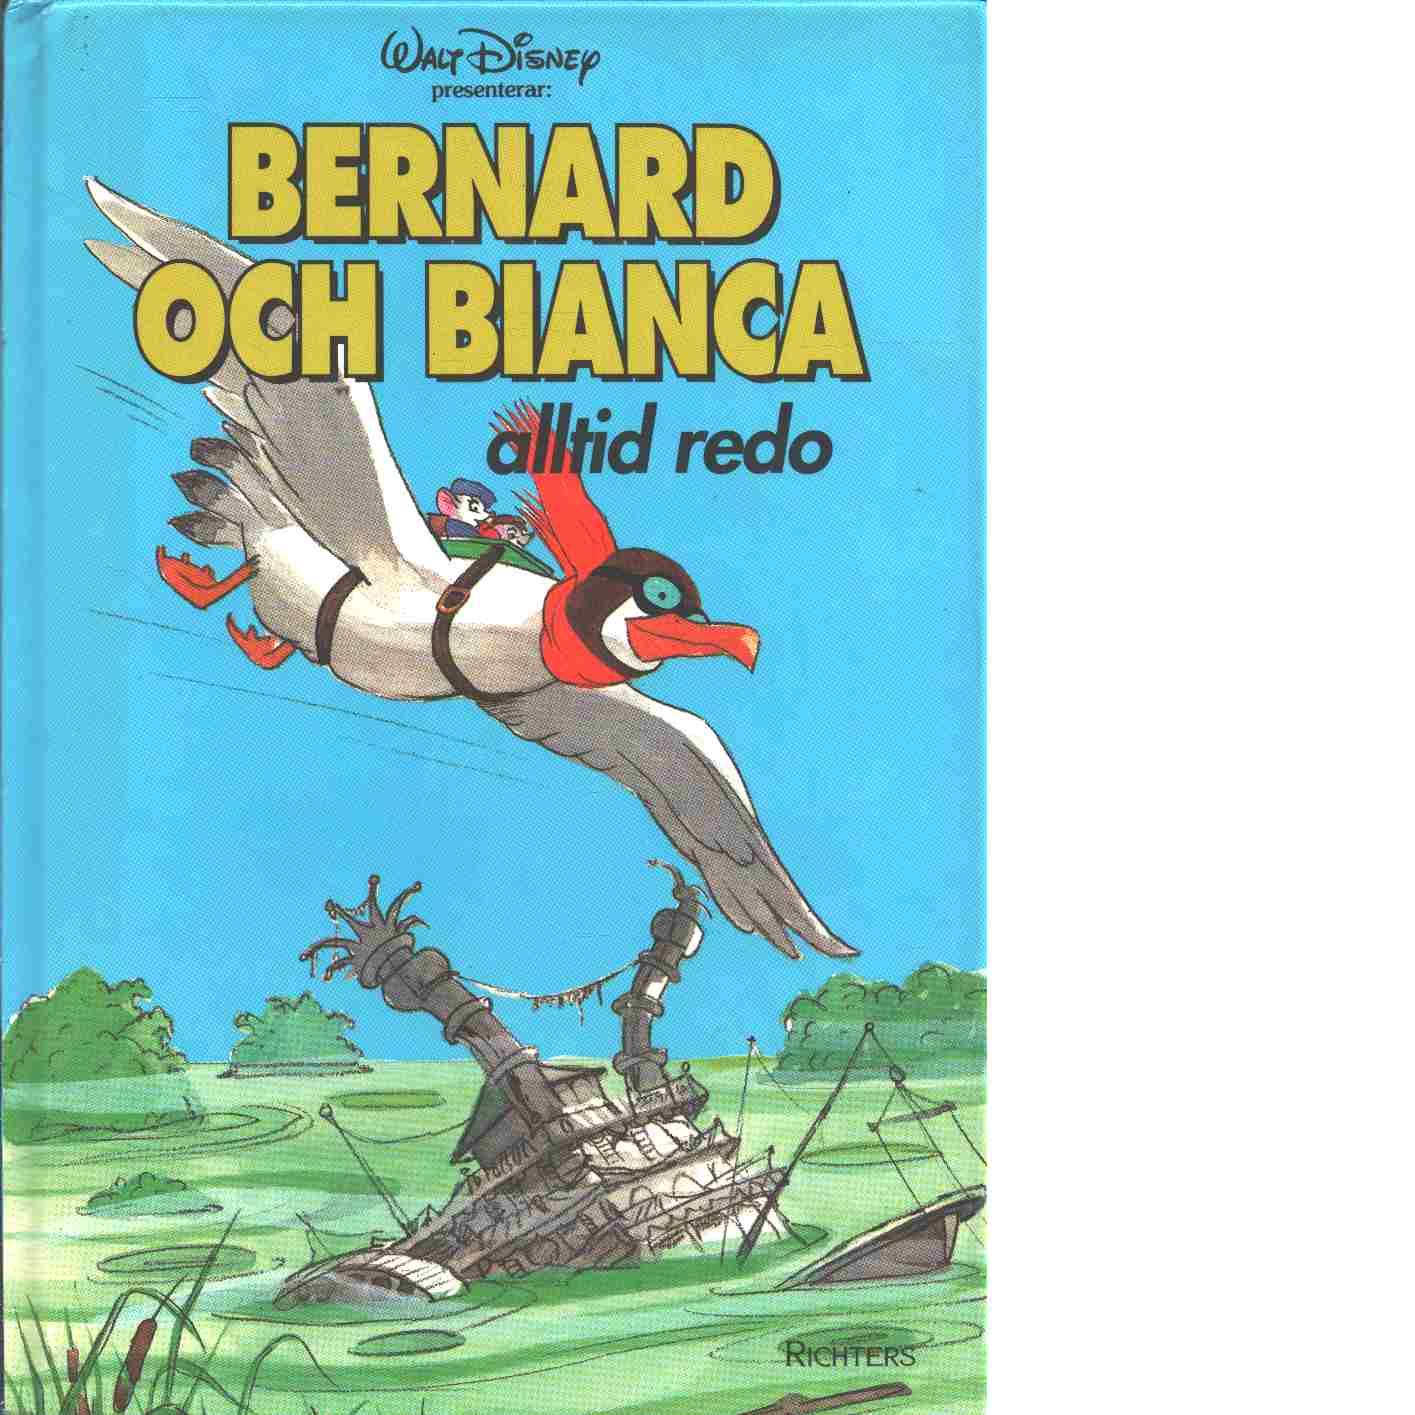 Bernard och Bianca alltid redo - Red Walt Disney Company